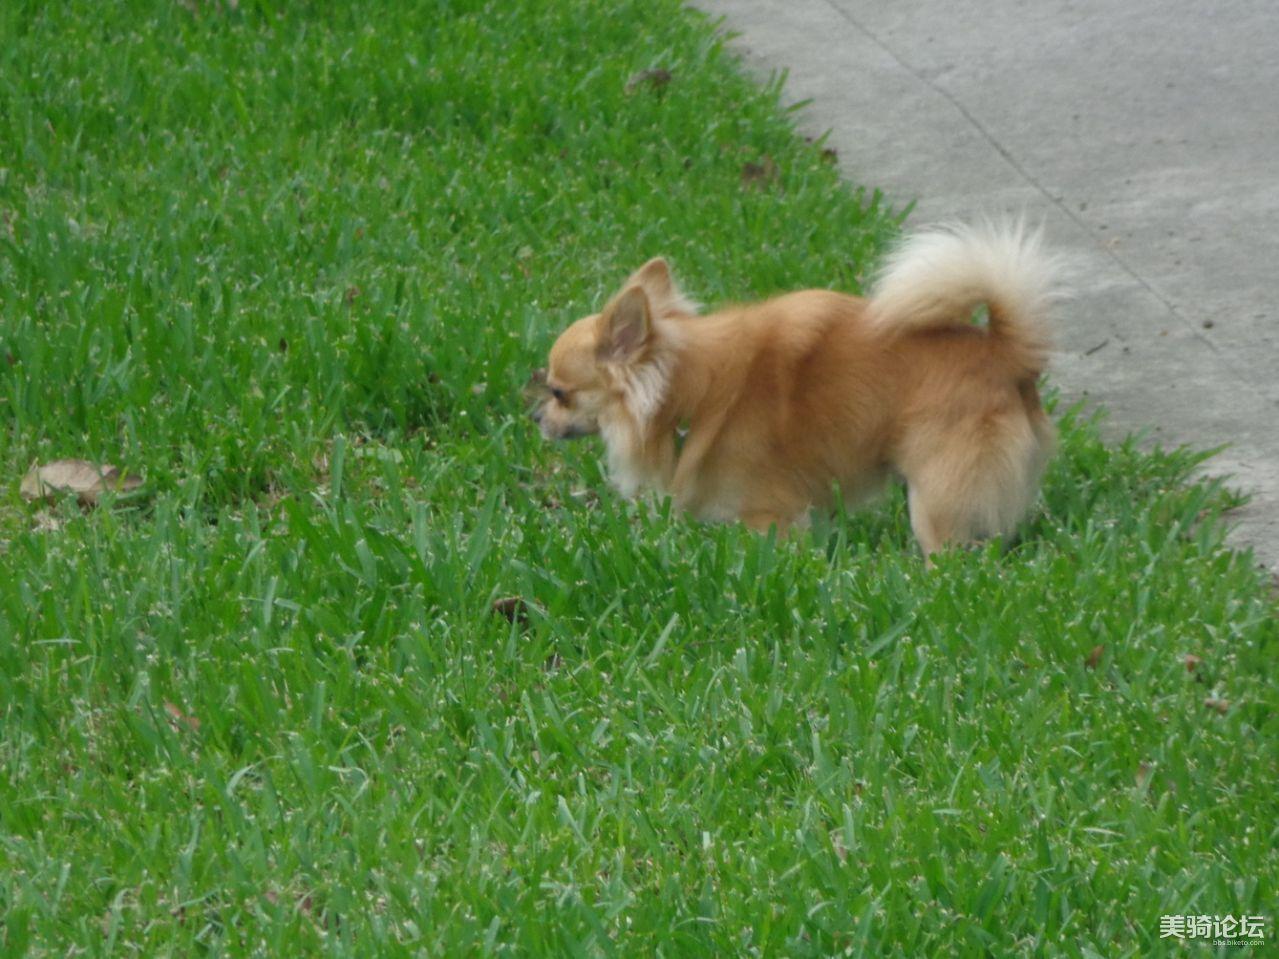 在公园里玩耍的可爱小狗狗